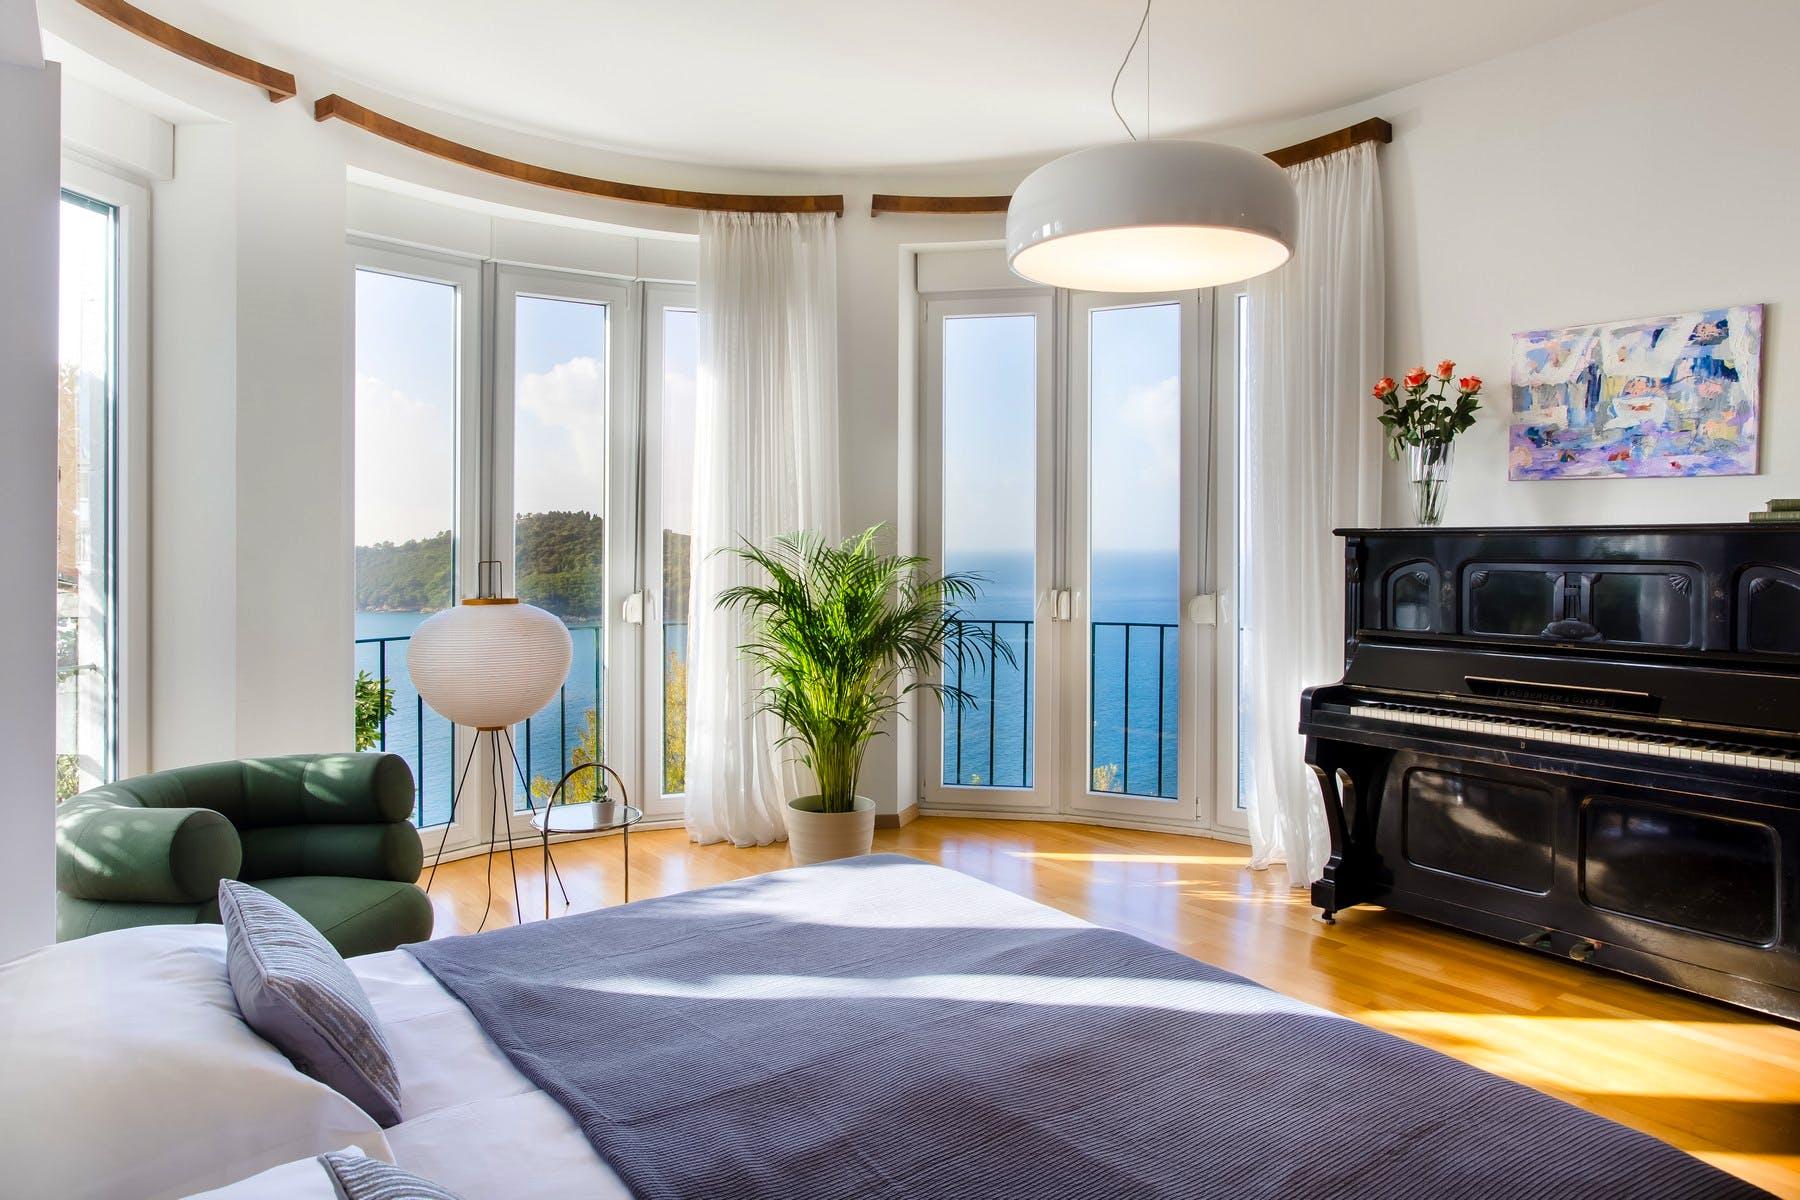 Spavaća soba s velikim prozorima i slikovitim pogledom na more